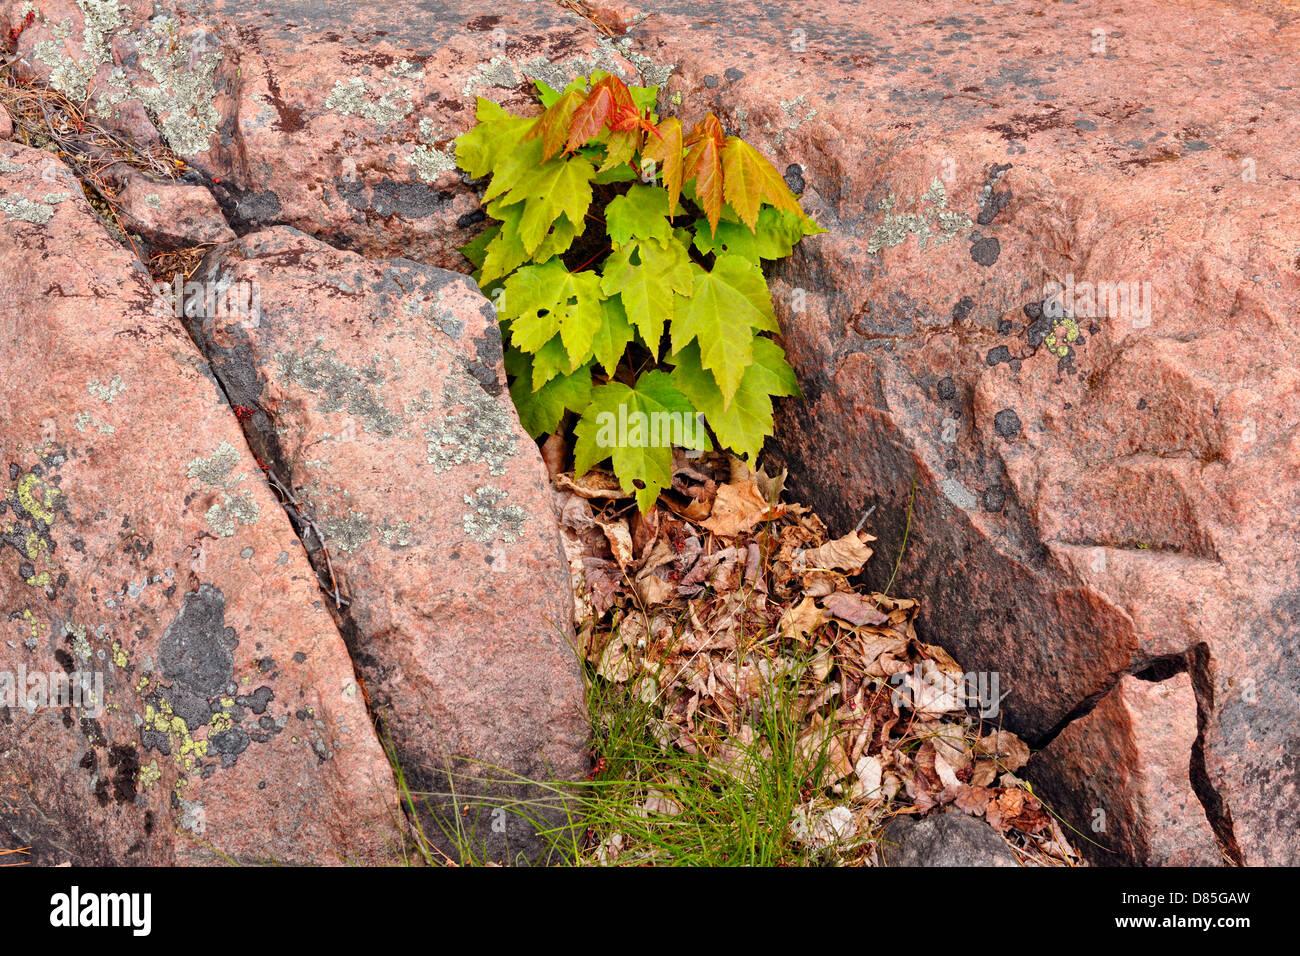 Vivaio Acero Rosso : Acero rosso acer rubrum piantina in scudo canadese affioramenti